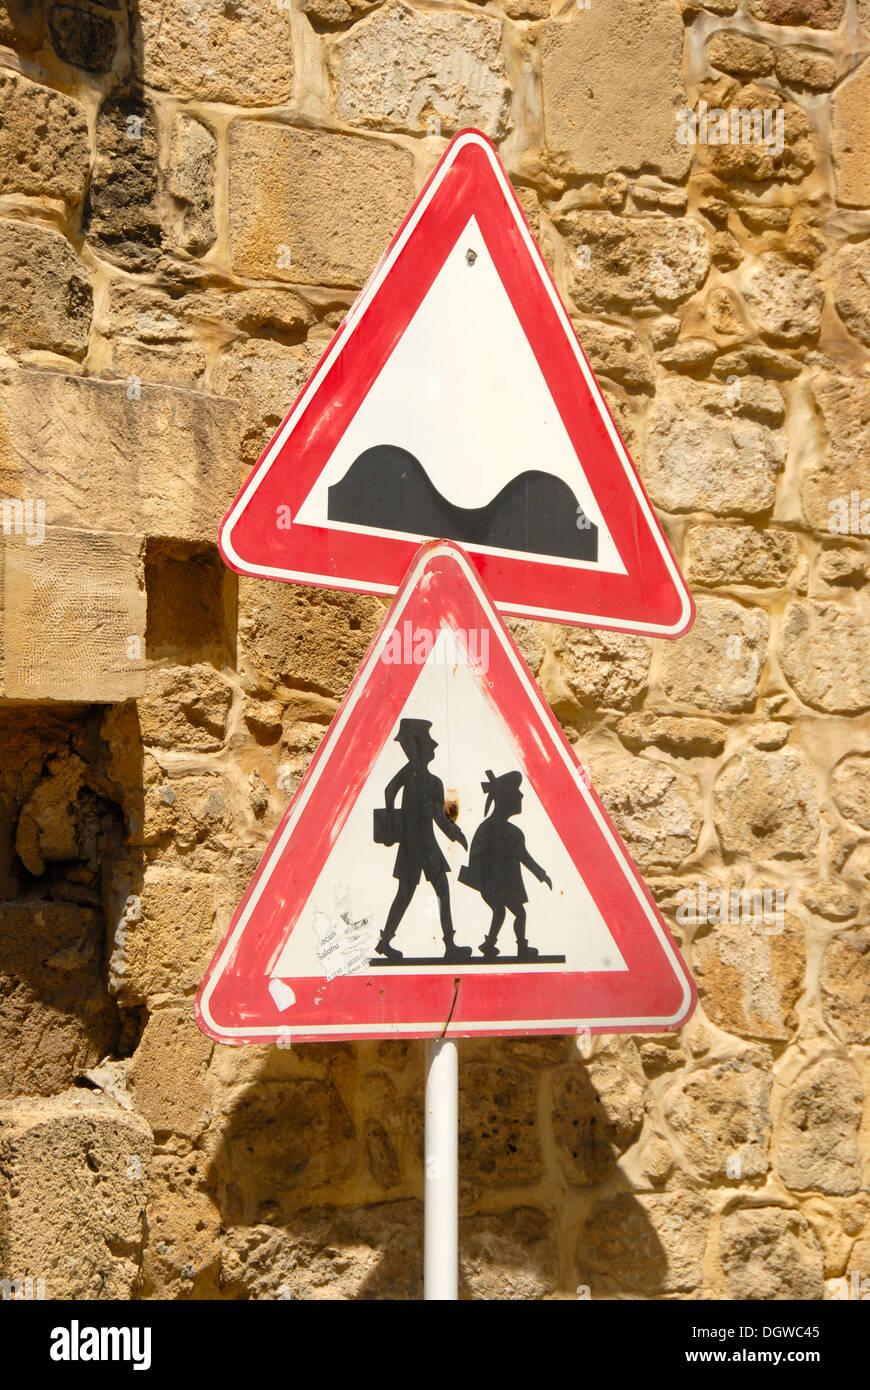 Due segnali stradali, attenzione su strada dissestata, attenzione pedoni, Nicosia, Lefkosa, Repubblica Turca di Cipro del Nord di Cipro Immagini Stock